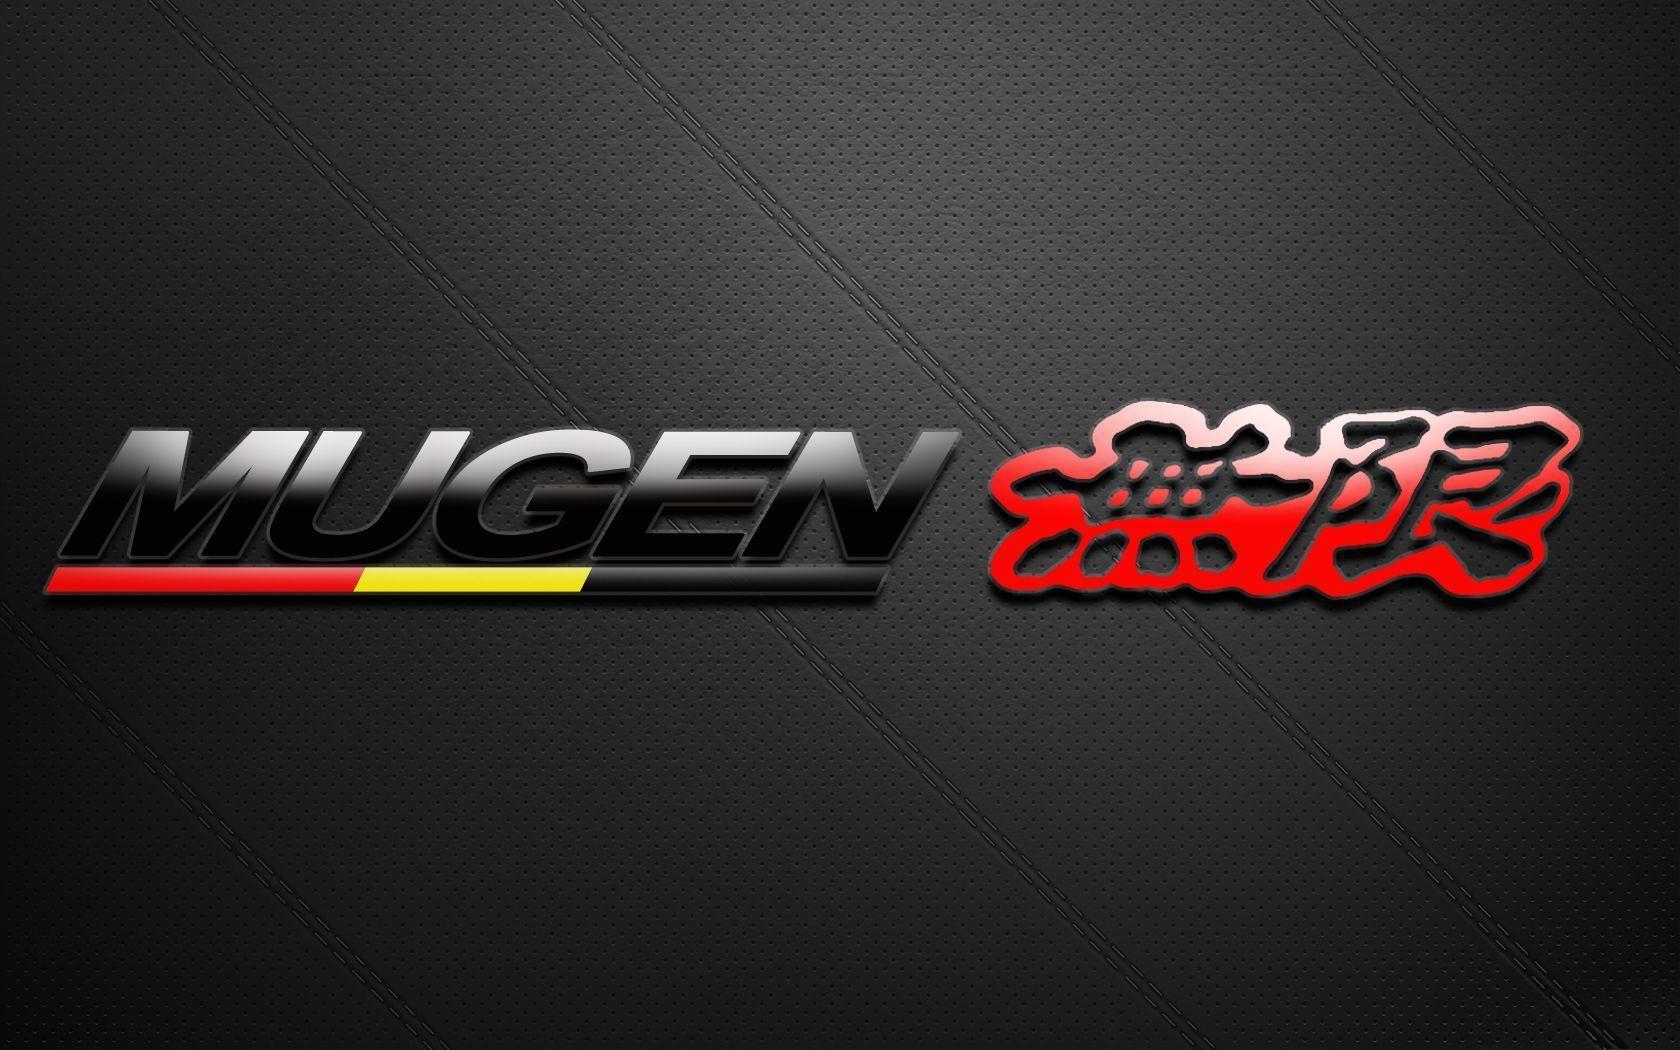 Mugen logo wallpaper honda by traz0x on DeviantArt